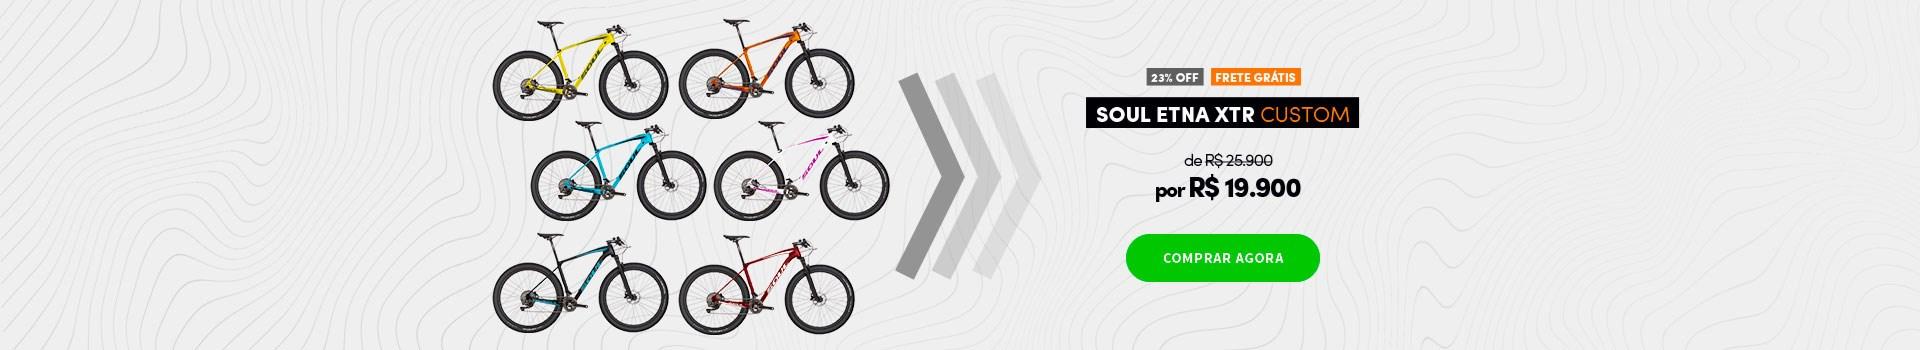 """Soul Etna XTR Carbono aro 29"""" 2018 Customizável em promoção"""